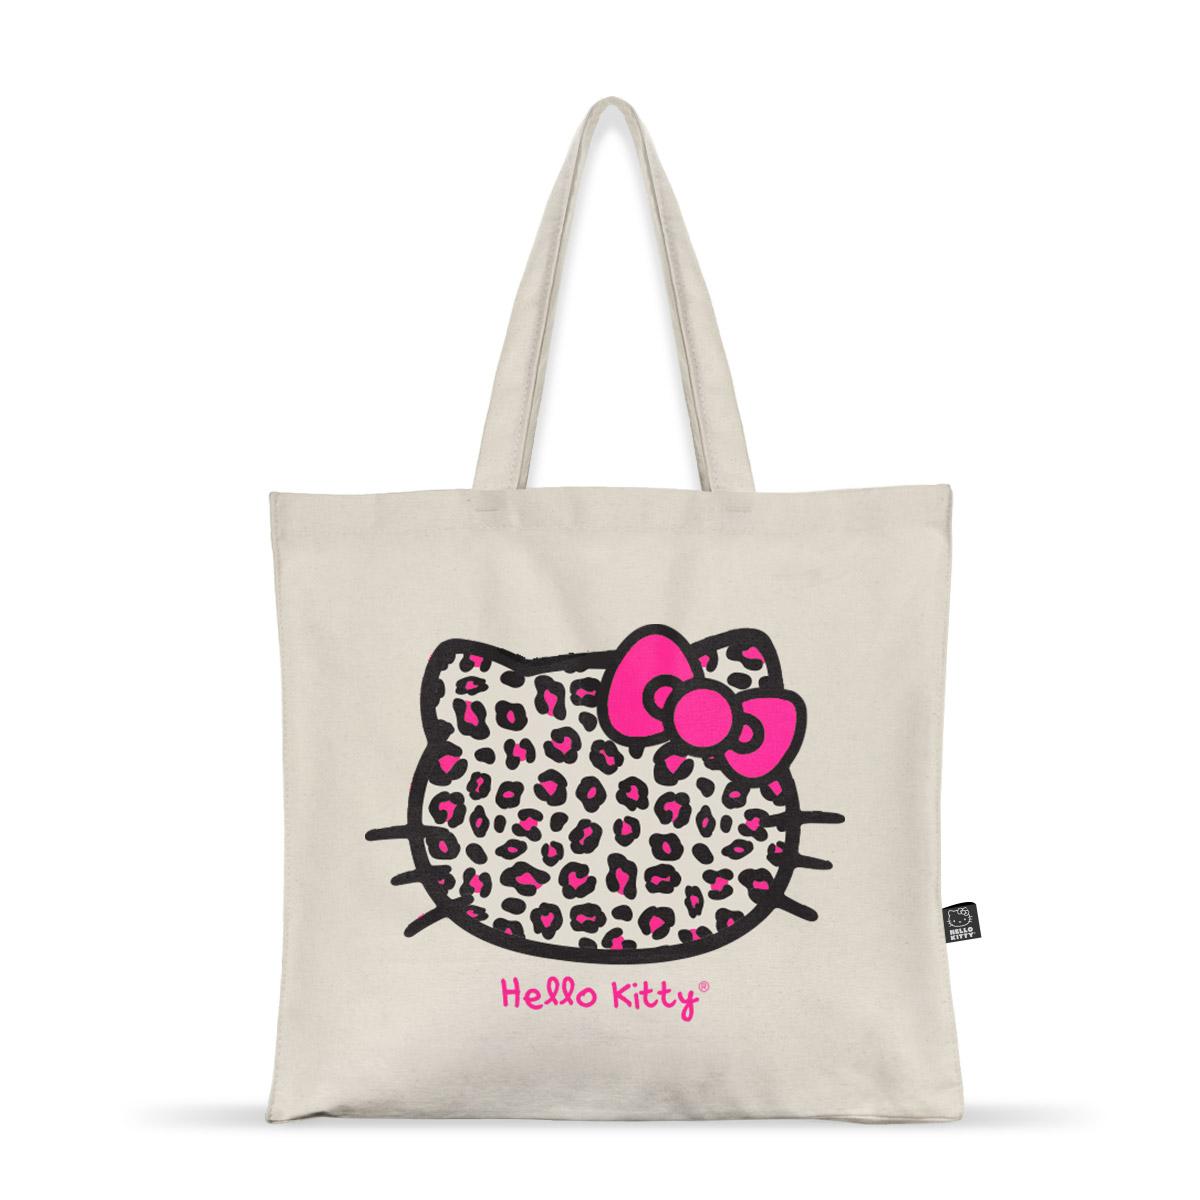 Ecobag Hello Kitty Animal Print